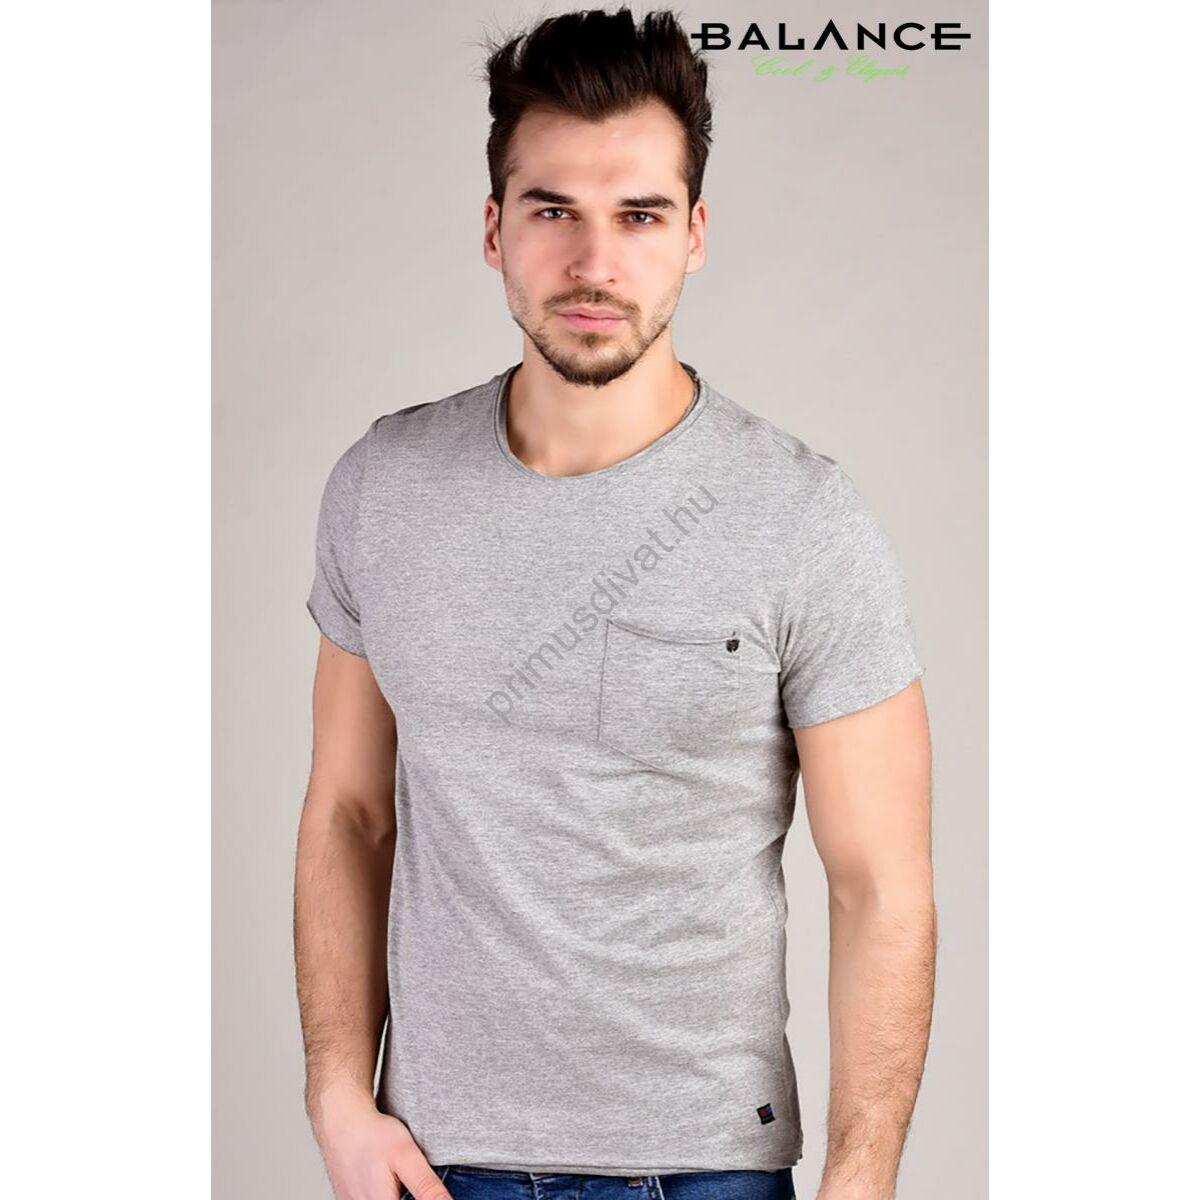 249739b06a Balance kis zsebes szürke melange anyagú rövid ujjú póló, felpöndörödő  szélű nyakkal